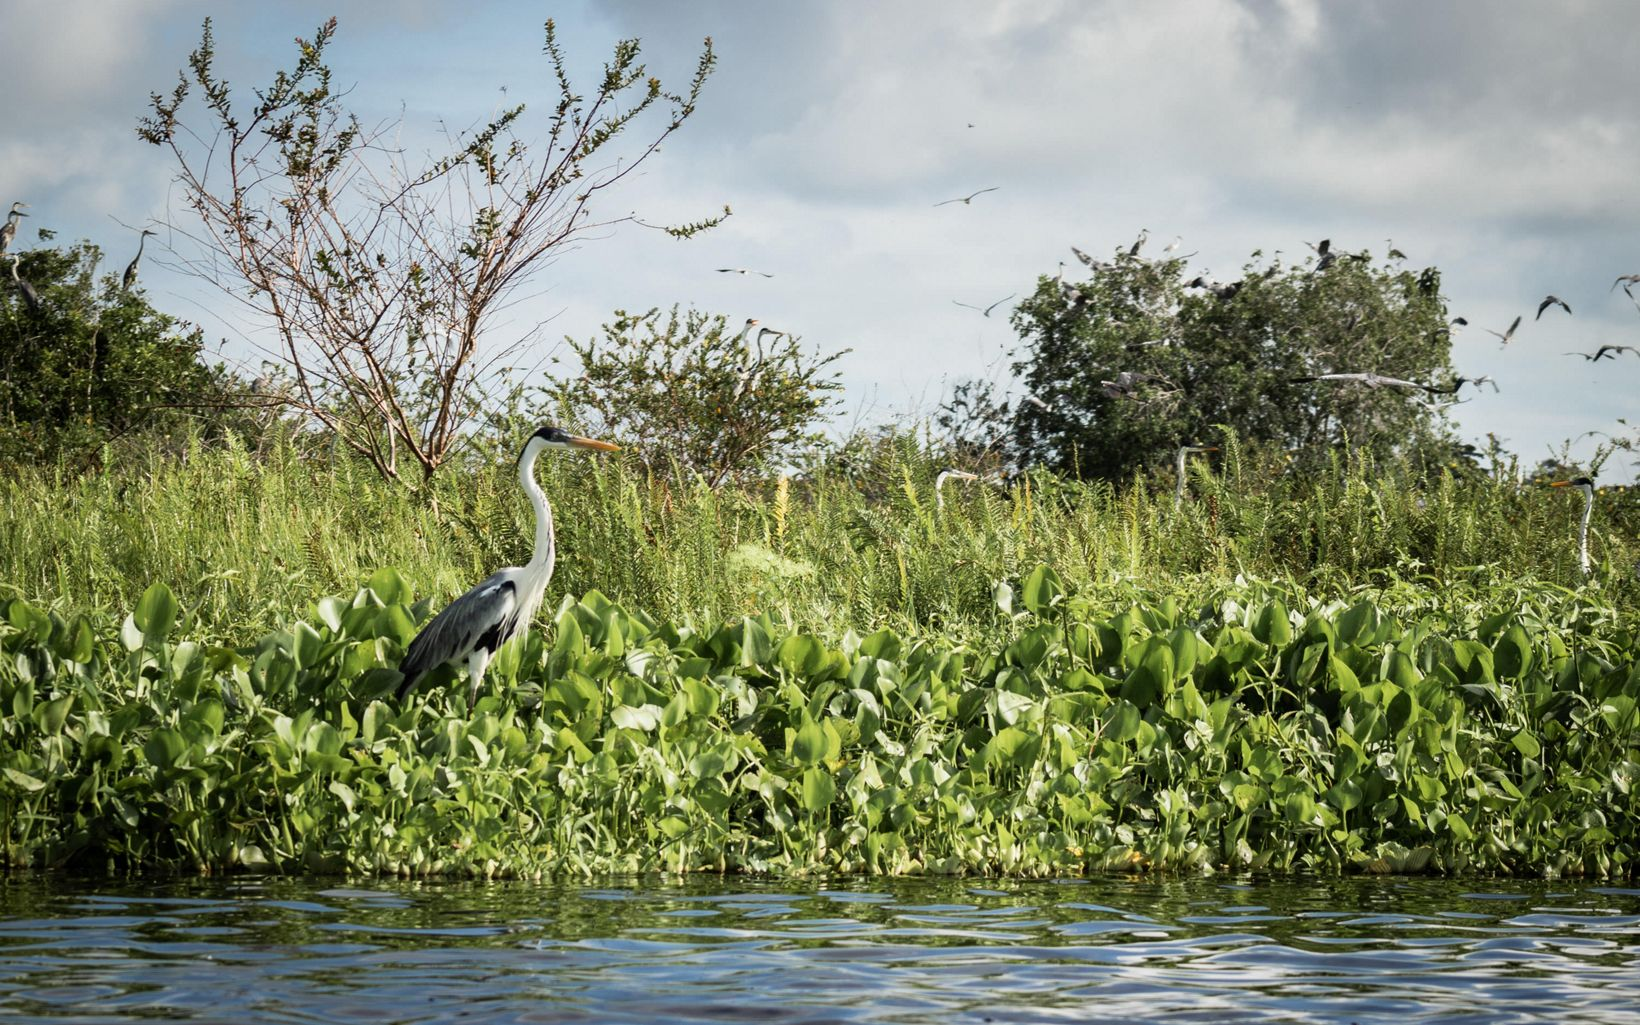 Se registraron 522 especies de aves que se beneficiaron con las implementaciones del proyecto en las 5 áreas donde se ejecutó.